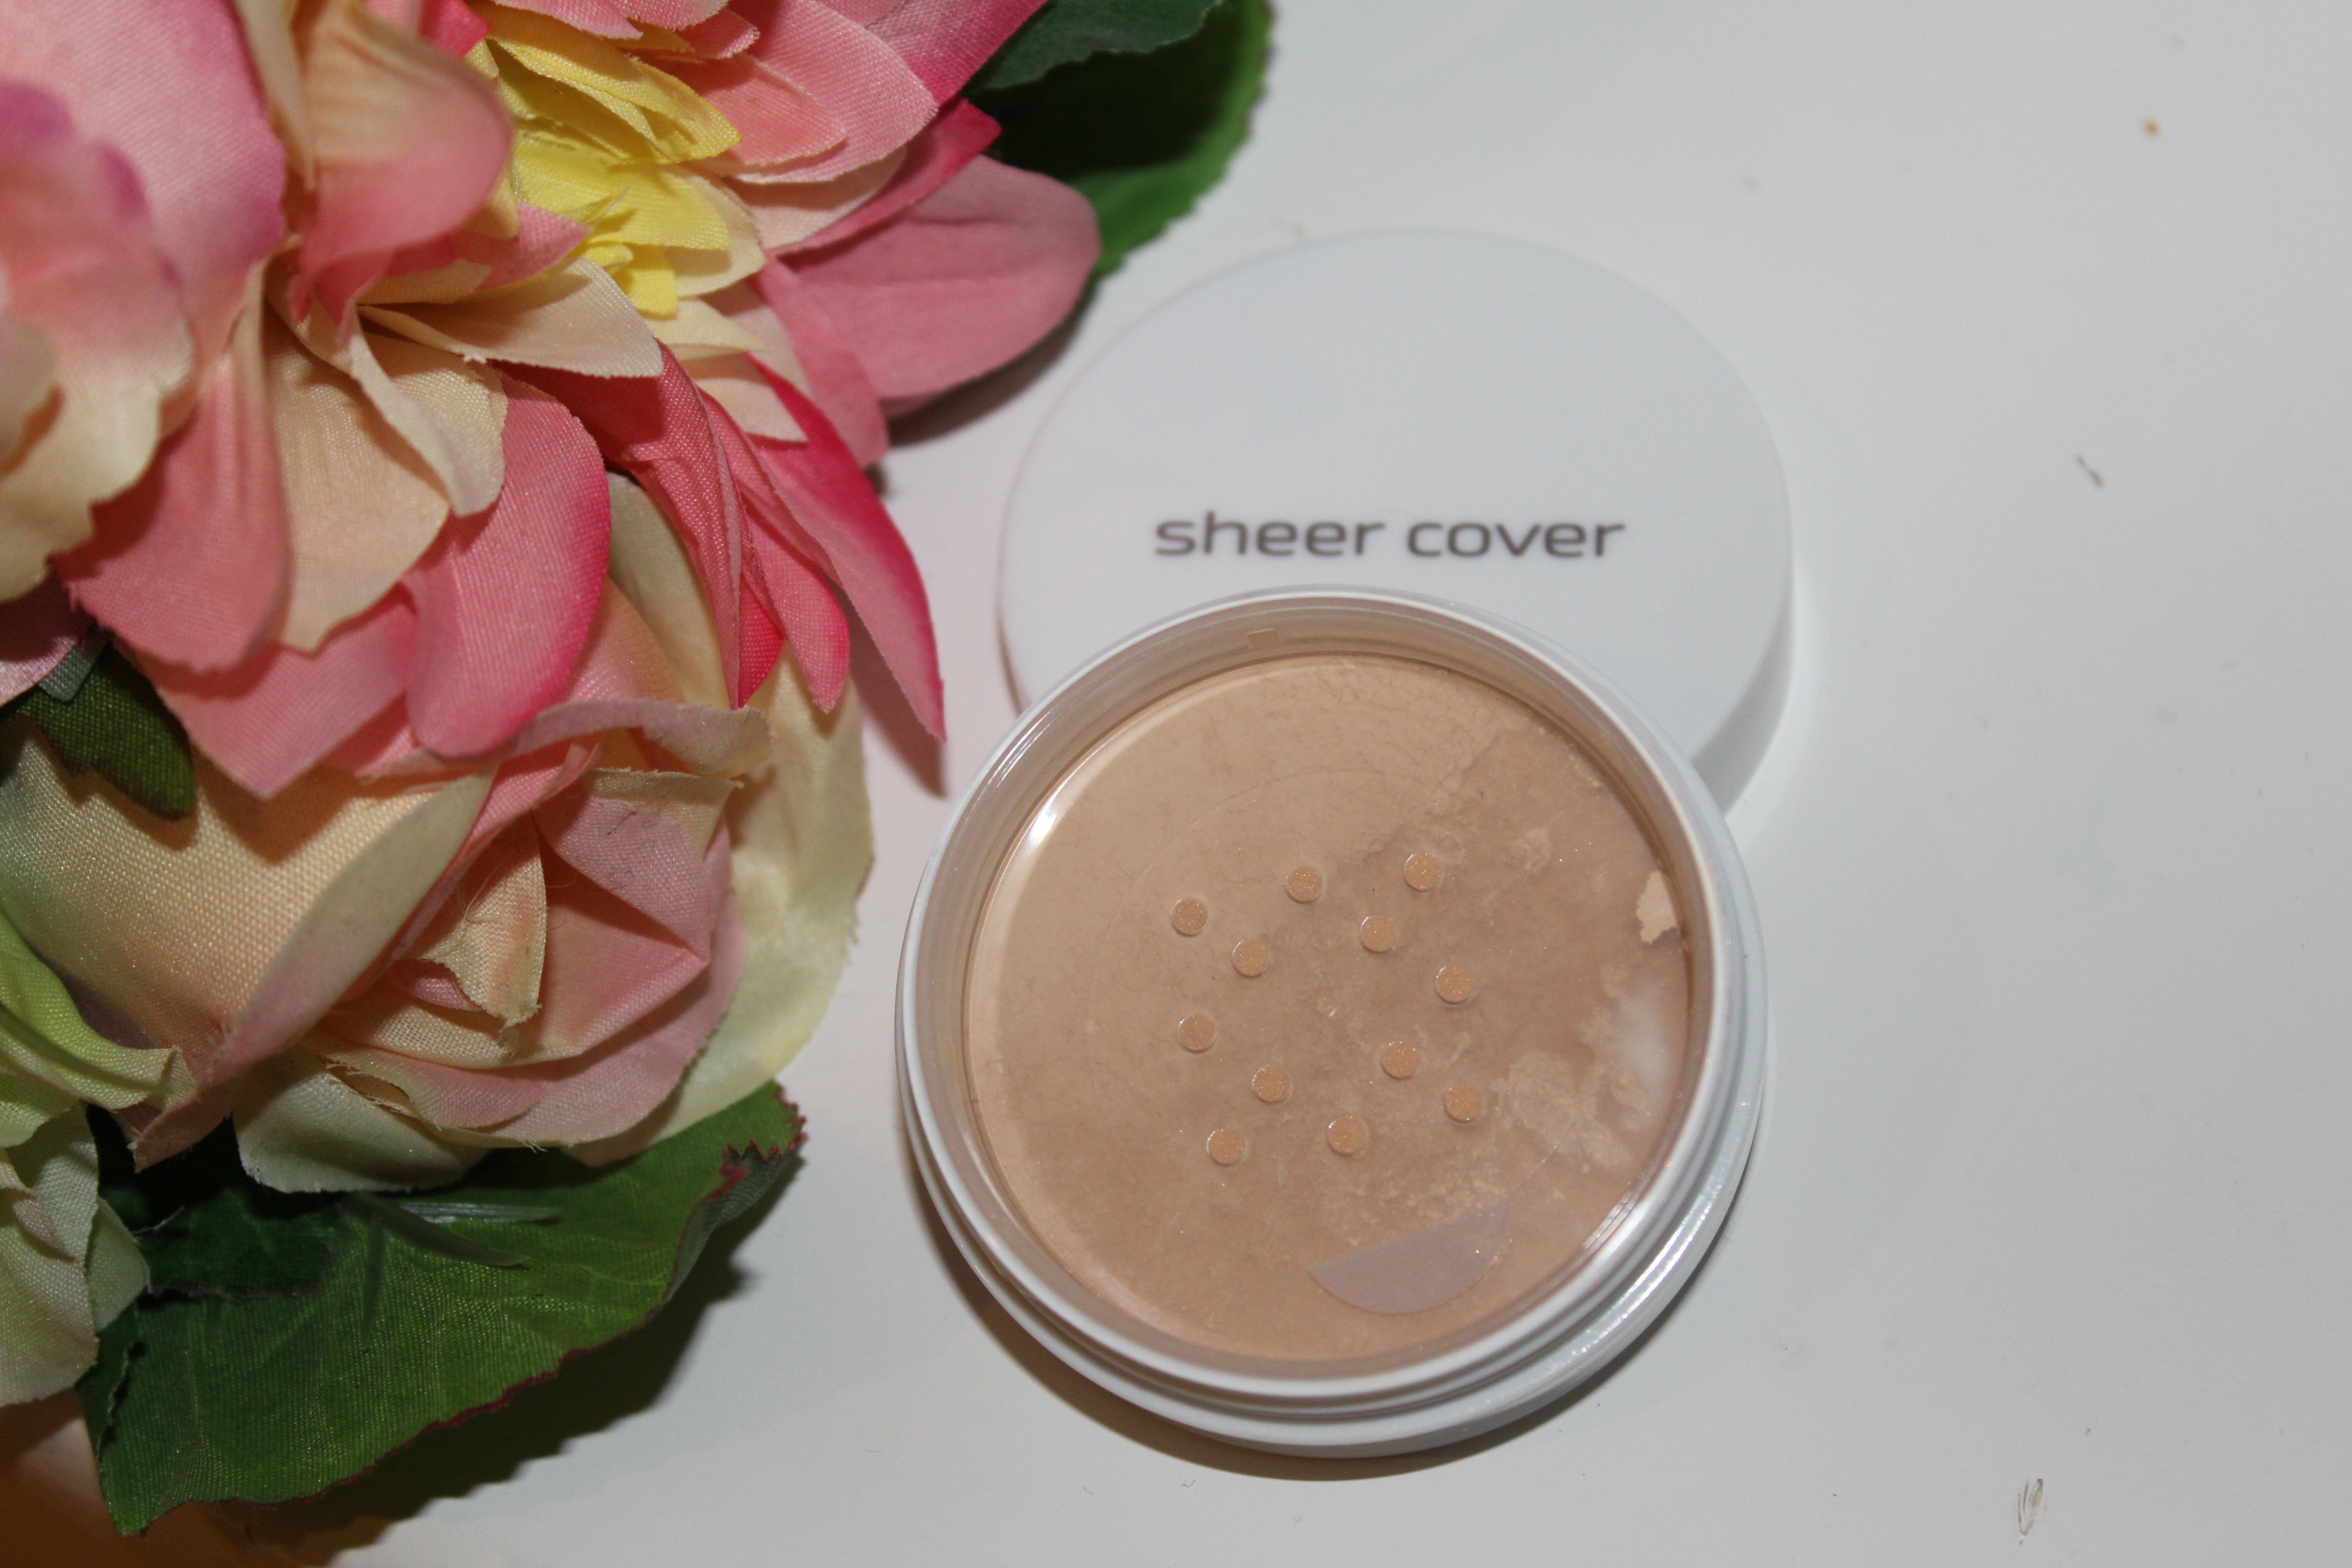 Sheer Cover Mineral Makeup Jordan S